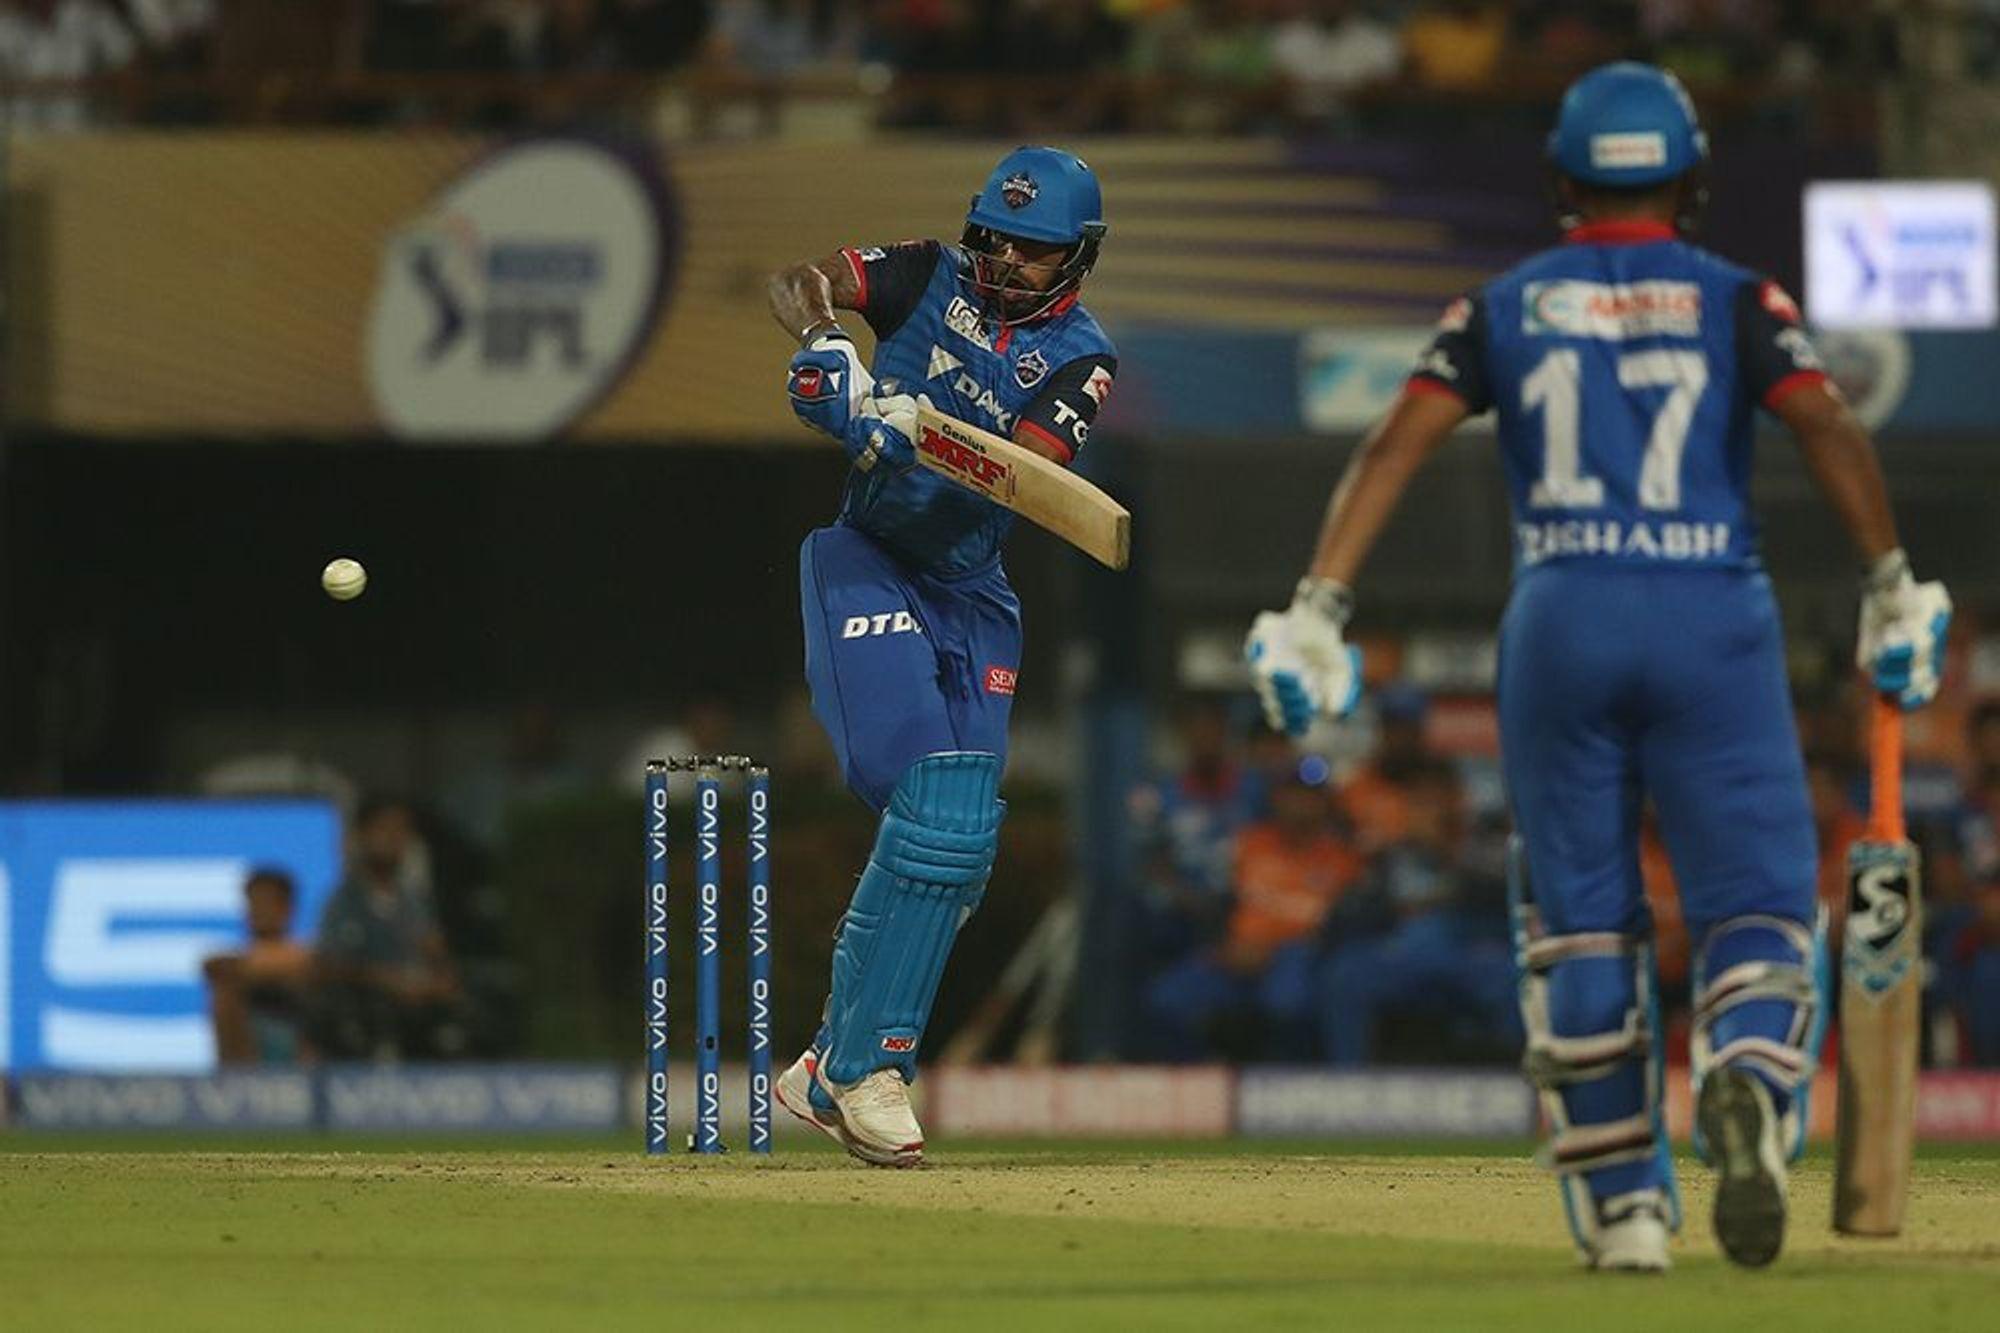 KKRvsDC : मैच के बाद ऋषभ पंत ने बताया विकेट होने के बाद भी क्यों अंत तक की धीमी बल्लेबाजी 3